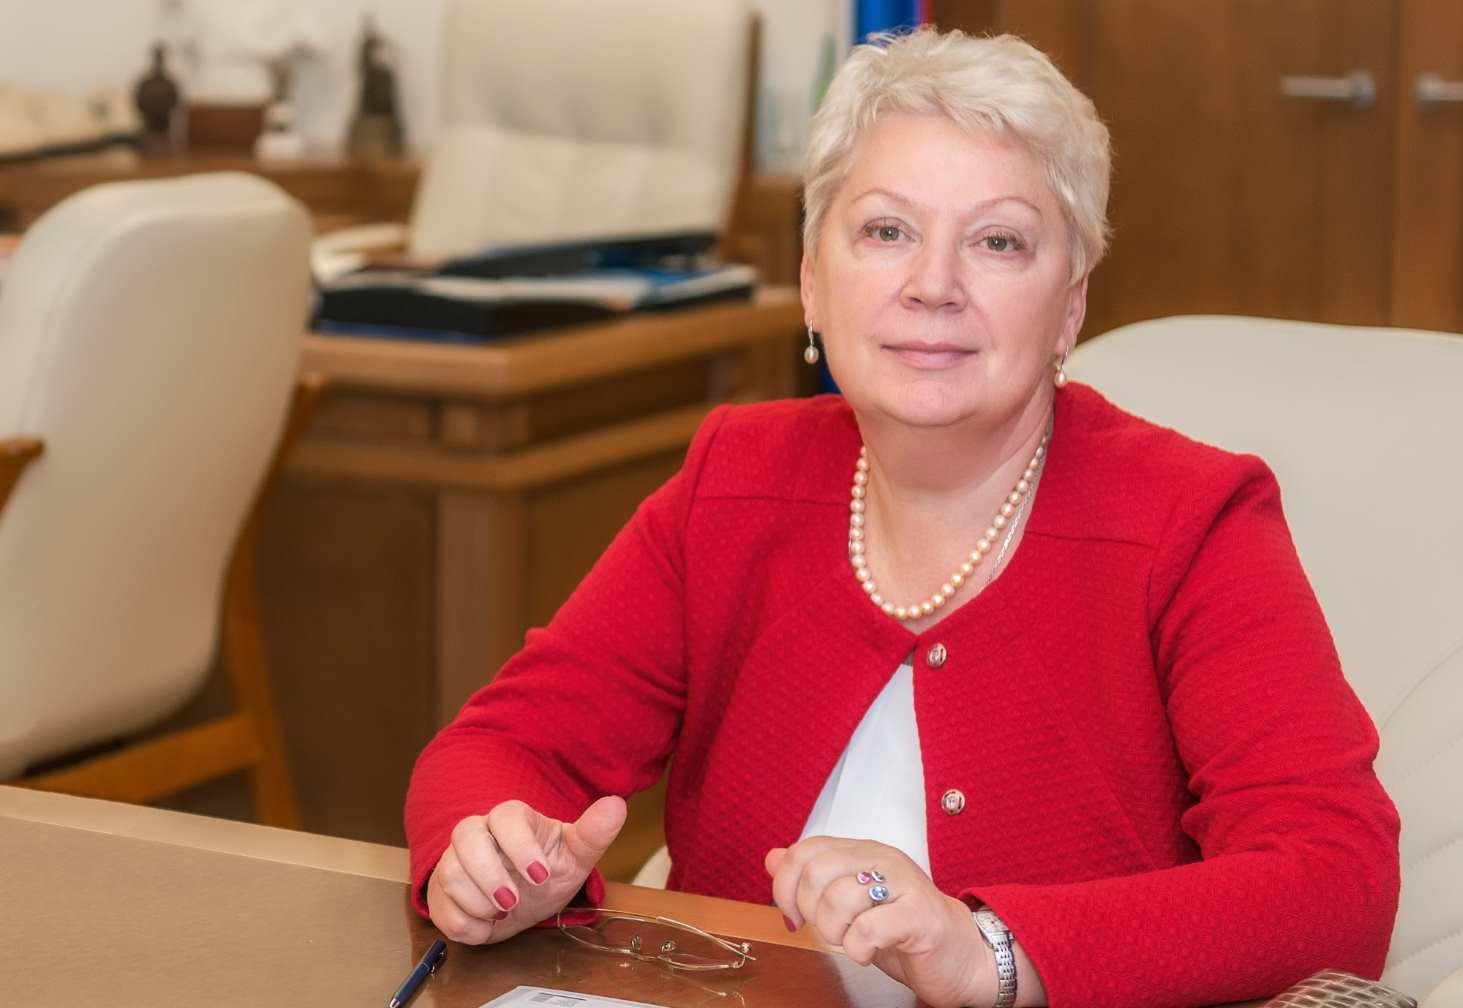 chto-proizoshlo-v-rossijskom-obrazovanii-v-2019-godu